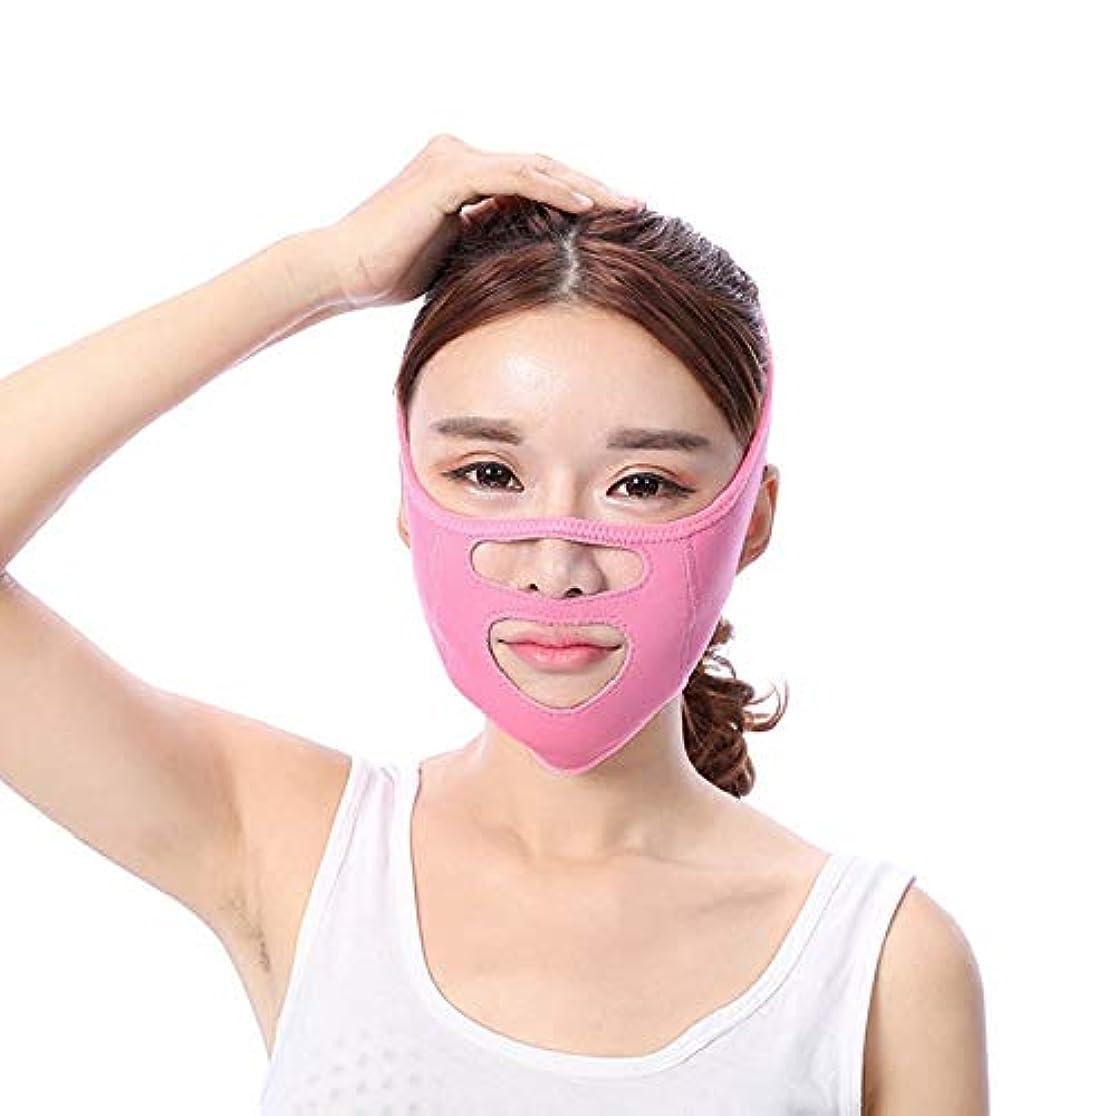 課税着飾る採用フェイスリフトベルトフェイスバンデージ美容機器リフティングファインディングダブルチン法令Vマスク睡眠マスク通気性 美しさ